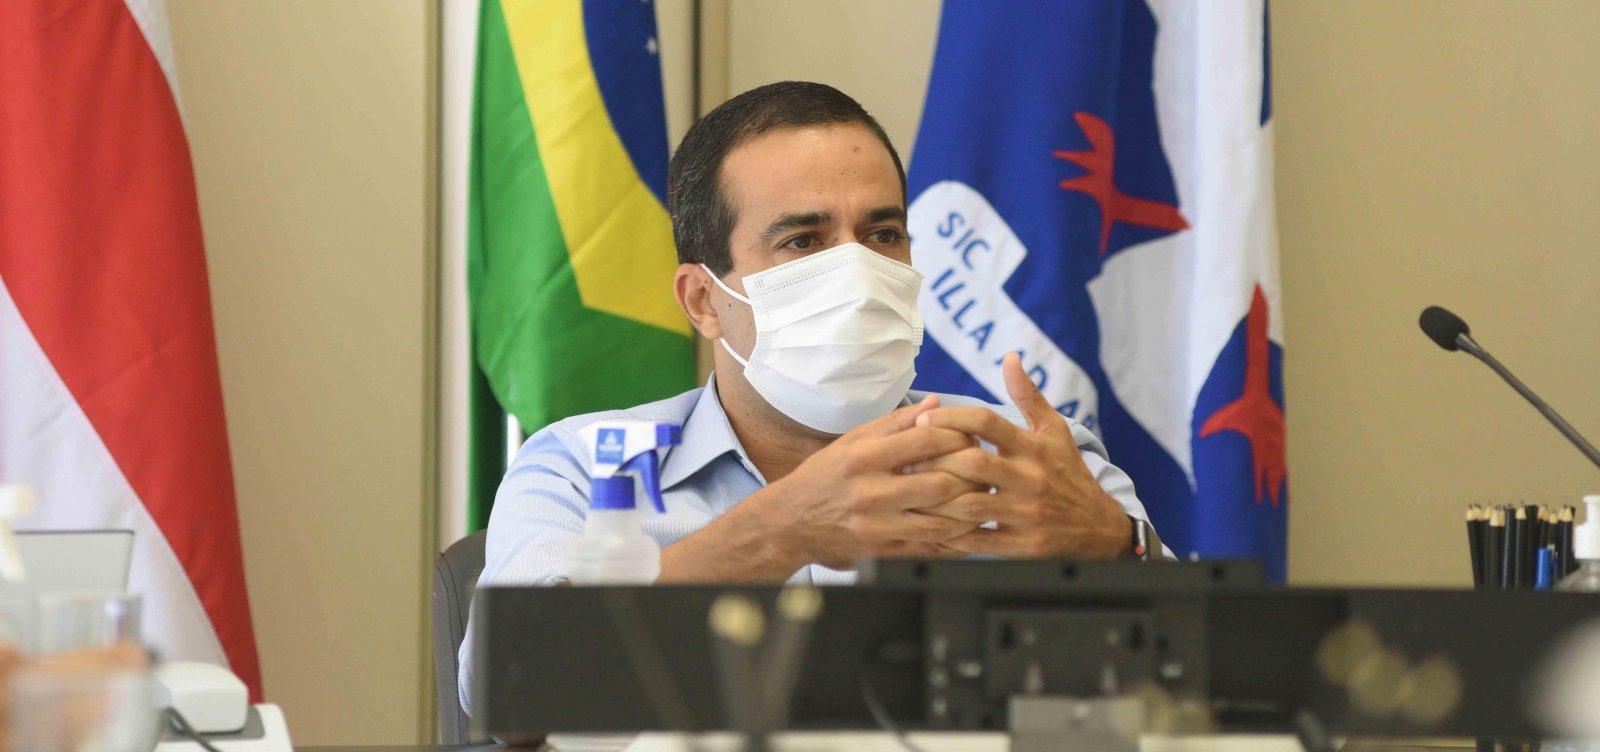 Aumento de casos é 'sinal claro' de circulação de nova cepa do coronavírus, diz Bruno Reis